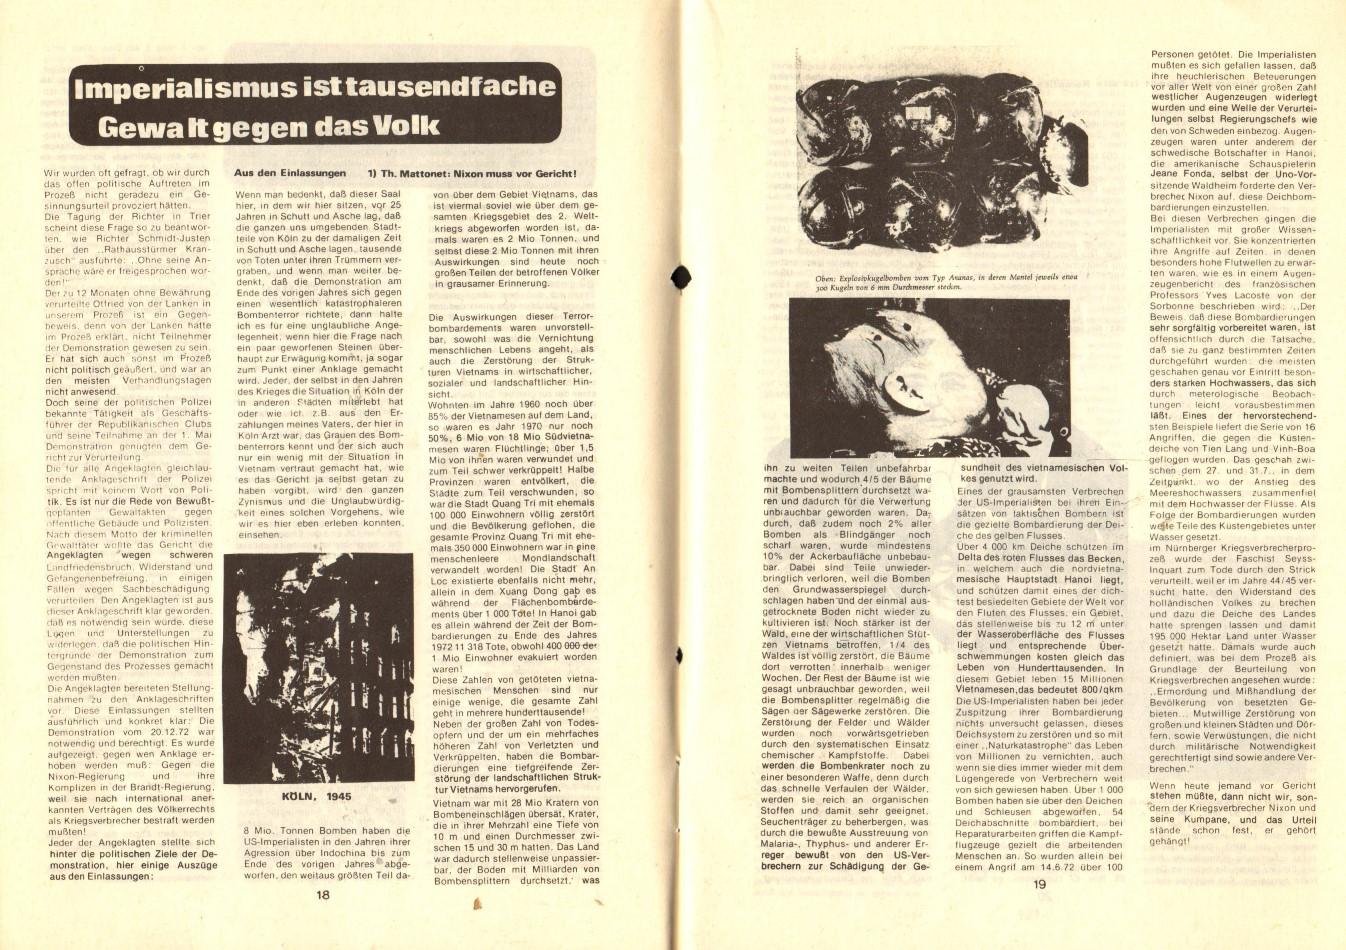 Koeln_RHeV_1975_Der_Koelner_Vietnamprozess_12